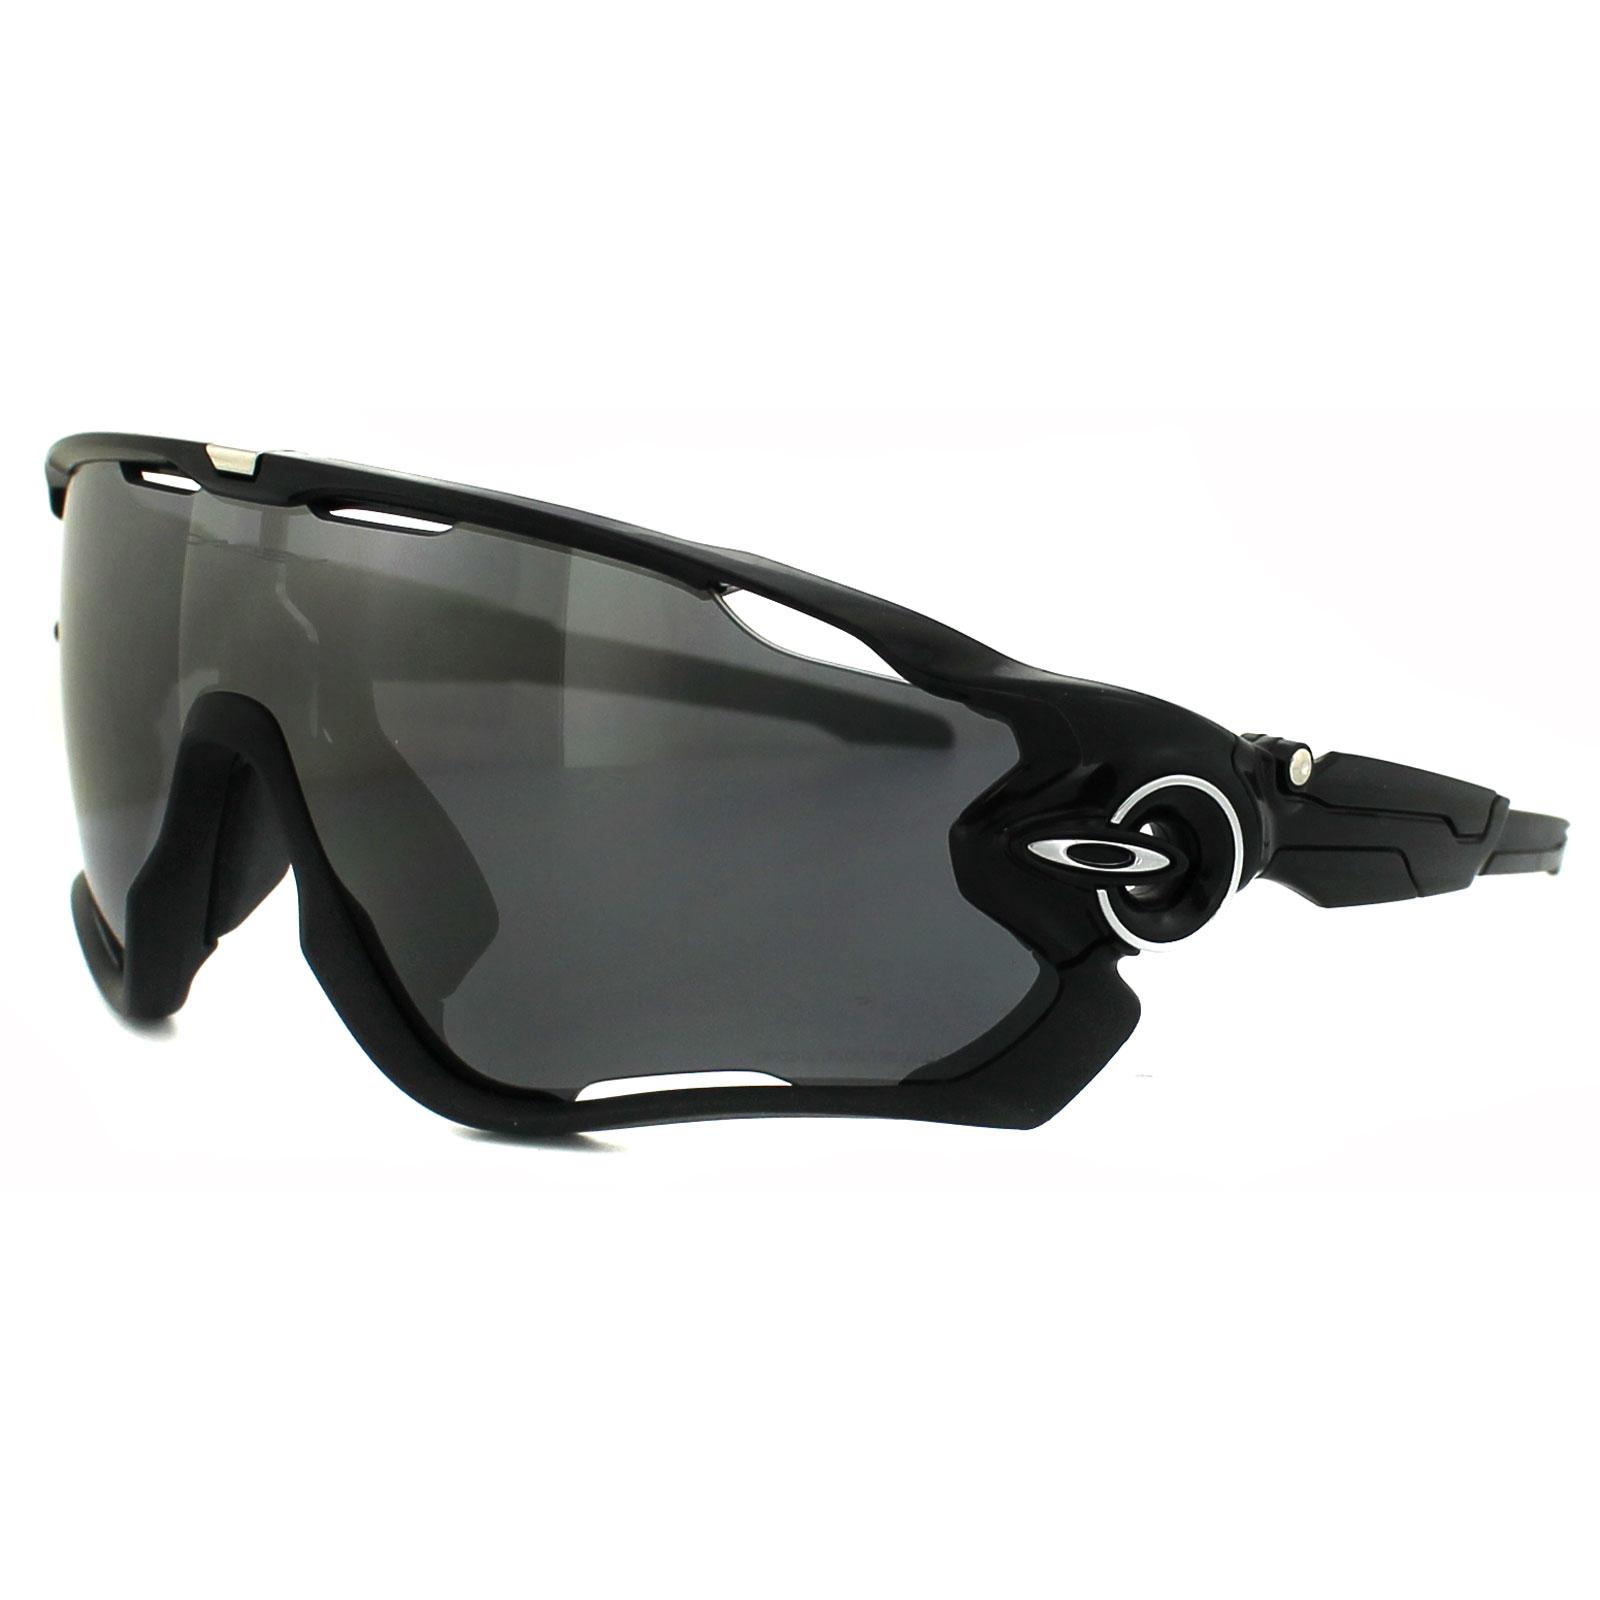 cheap real oakley sunglasses  oakley jawbreaker sunglasses